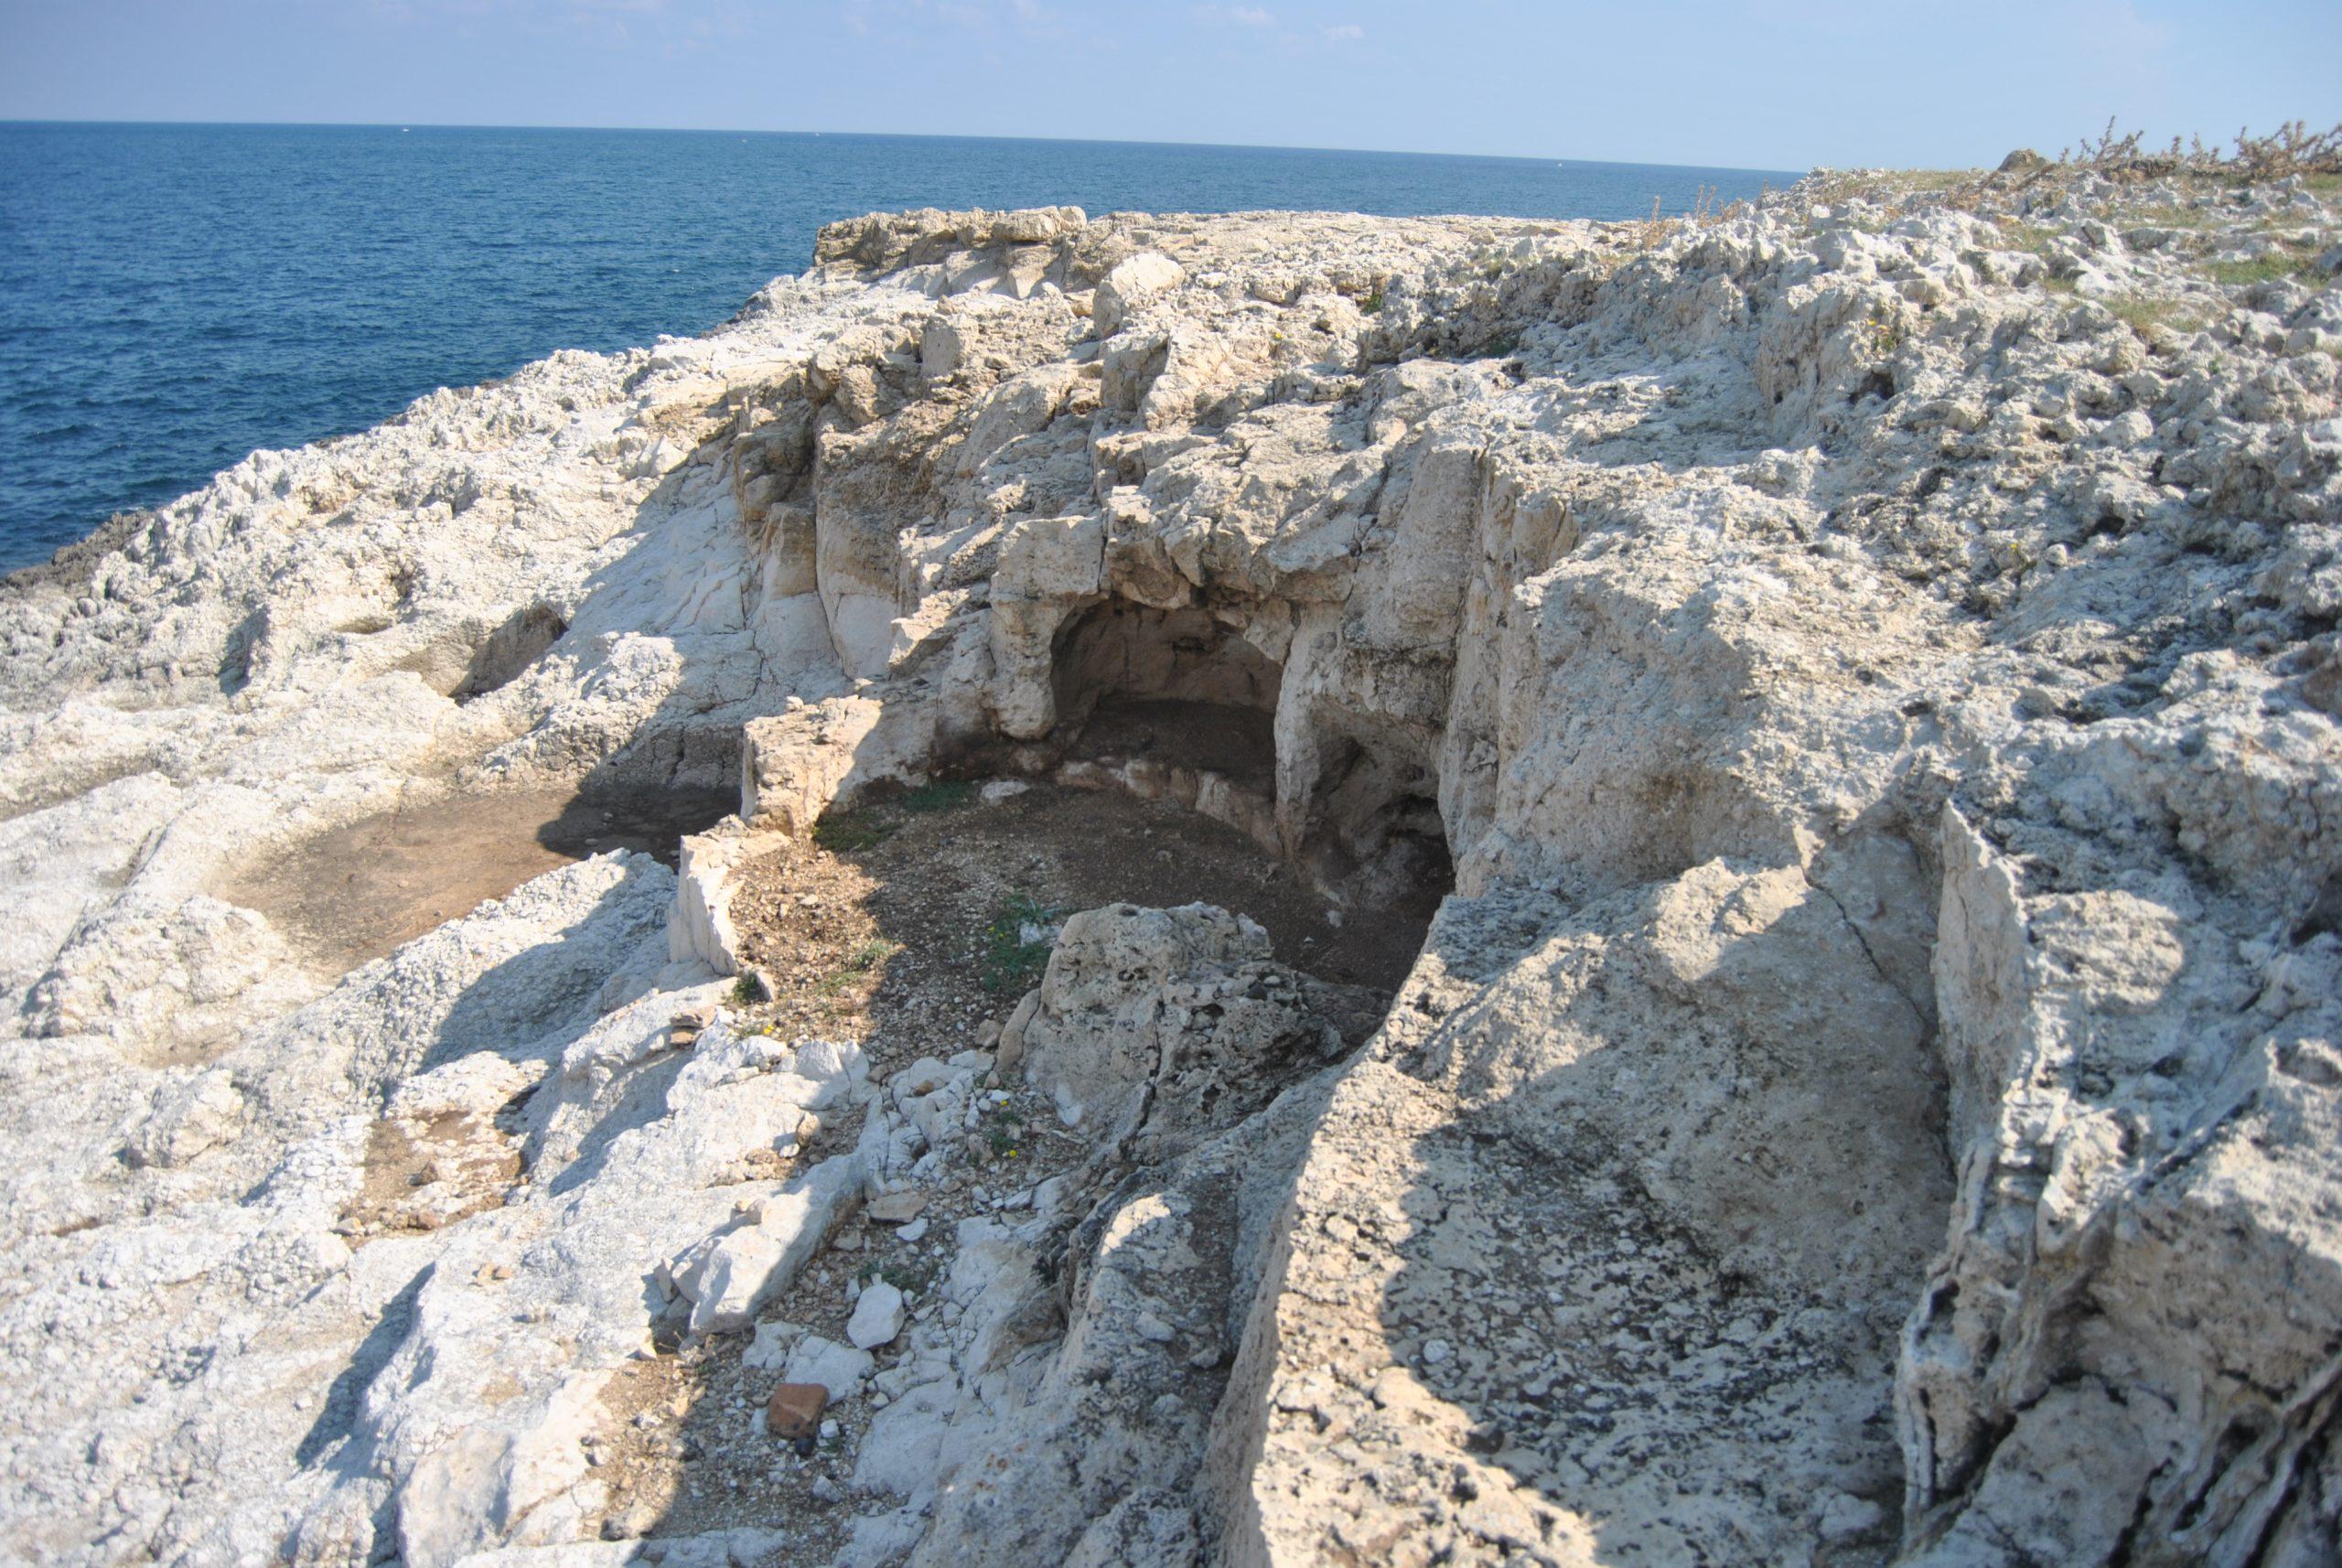 antica tomba scavata nella roccia nei pressi del mare di Priolo Gargallo, Siracusa, Sicilia